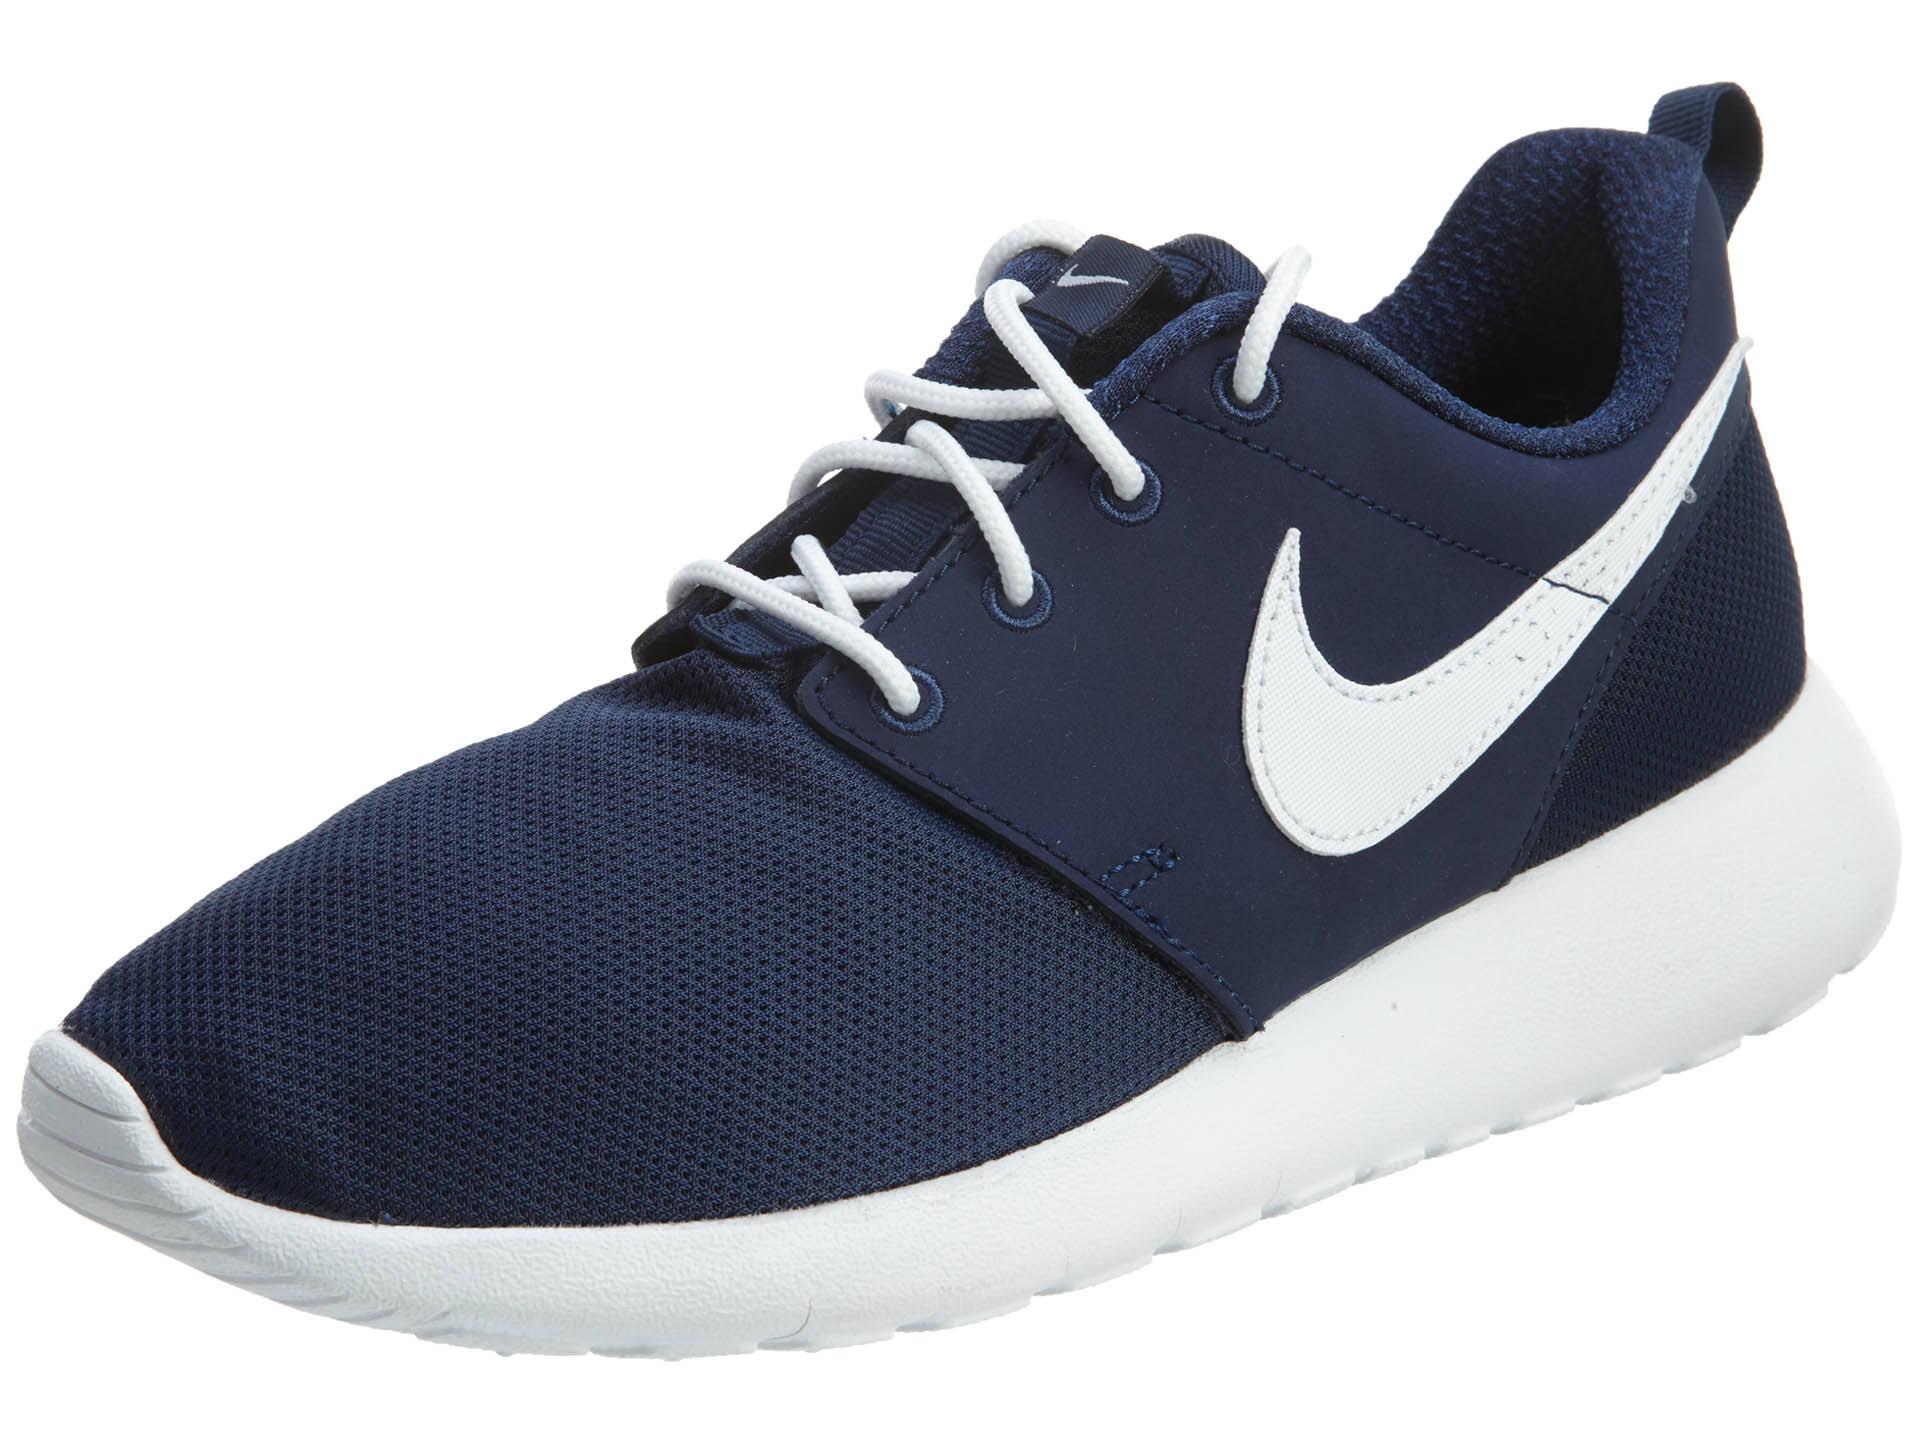 Midnight Navy 7 Roshe Weiß One 416 gs 599728 Nike Kids Laufschuh wzPfn8X